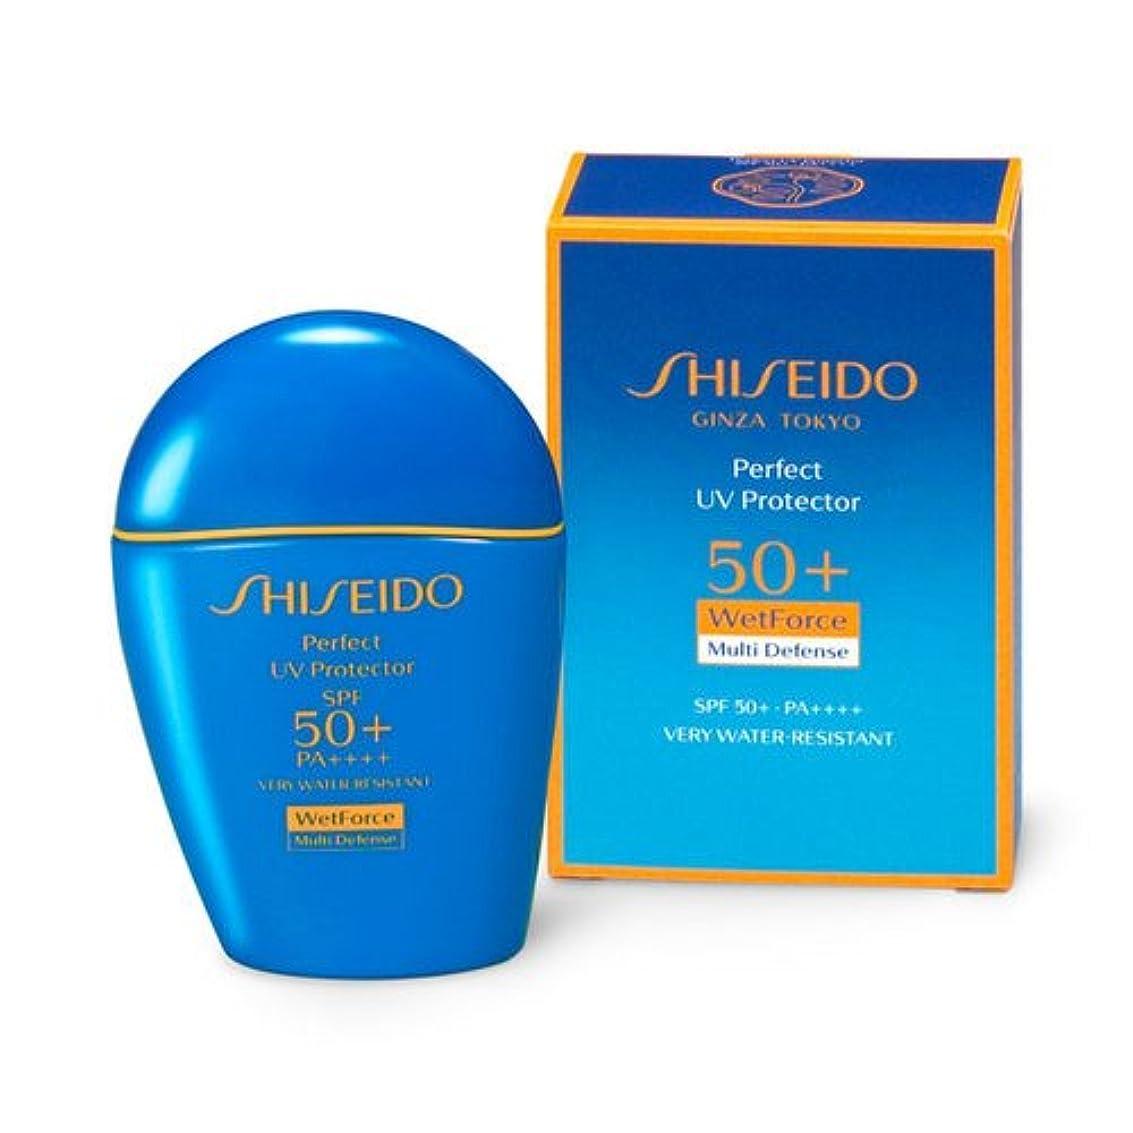 母音できないスパイSHISEIDO Suncare(資生堂 サンケア) SHISEIDO(資生堂) パーフェクト UVプロテクター 50mL